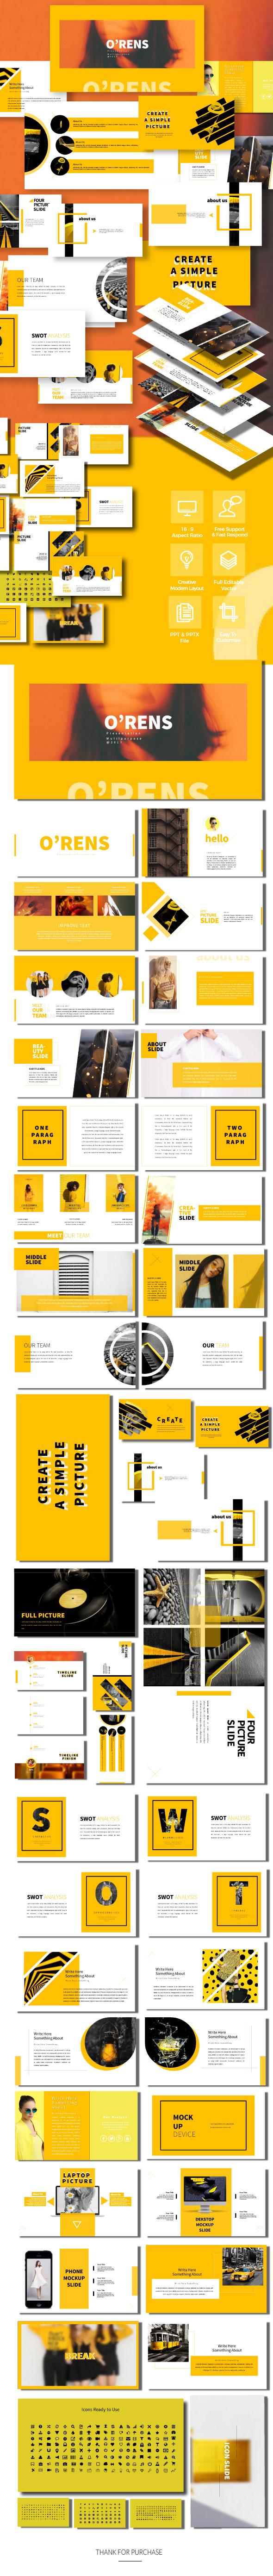 GraphicRiver O'rens Presentation Templates 20650817